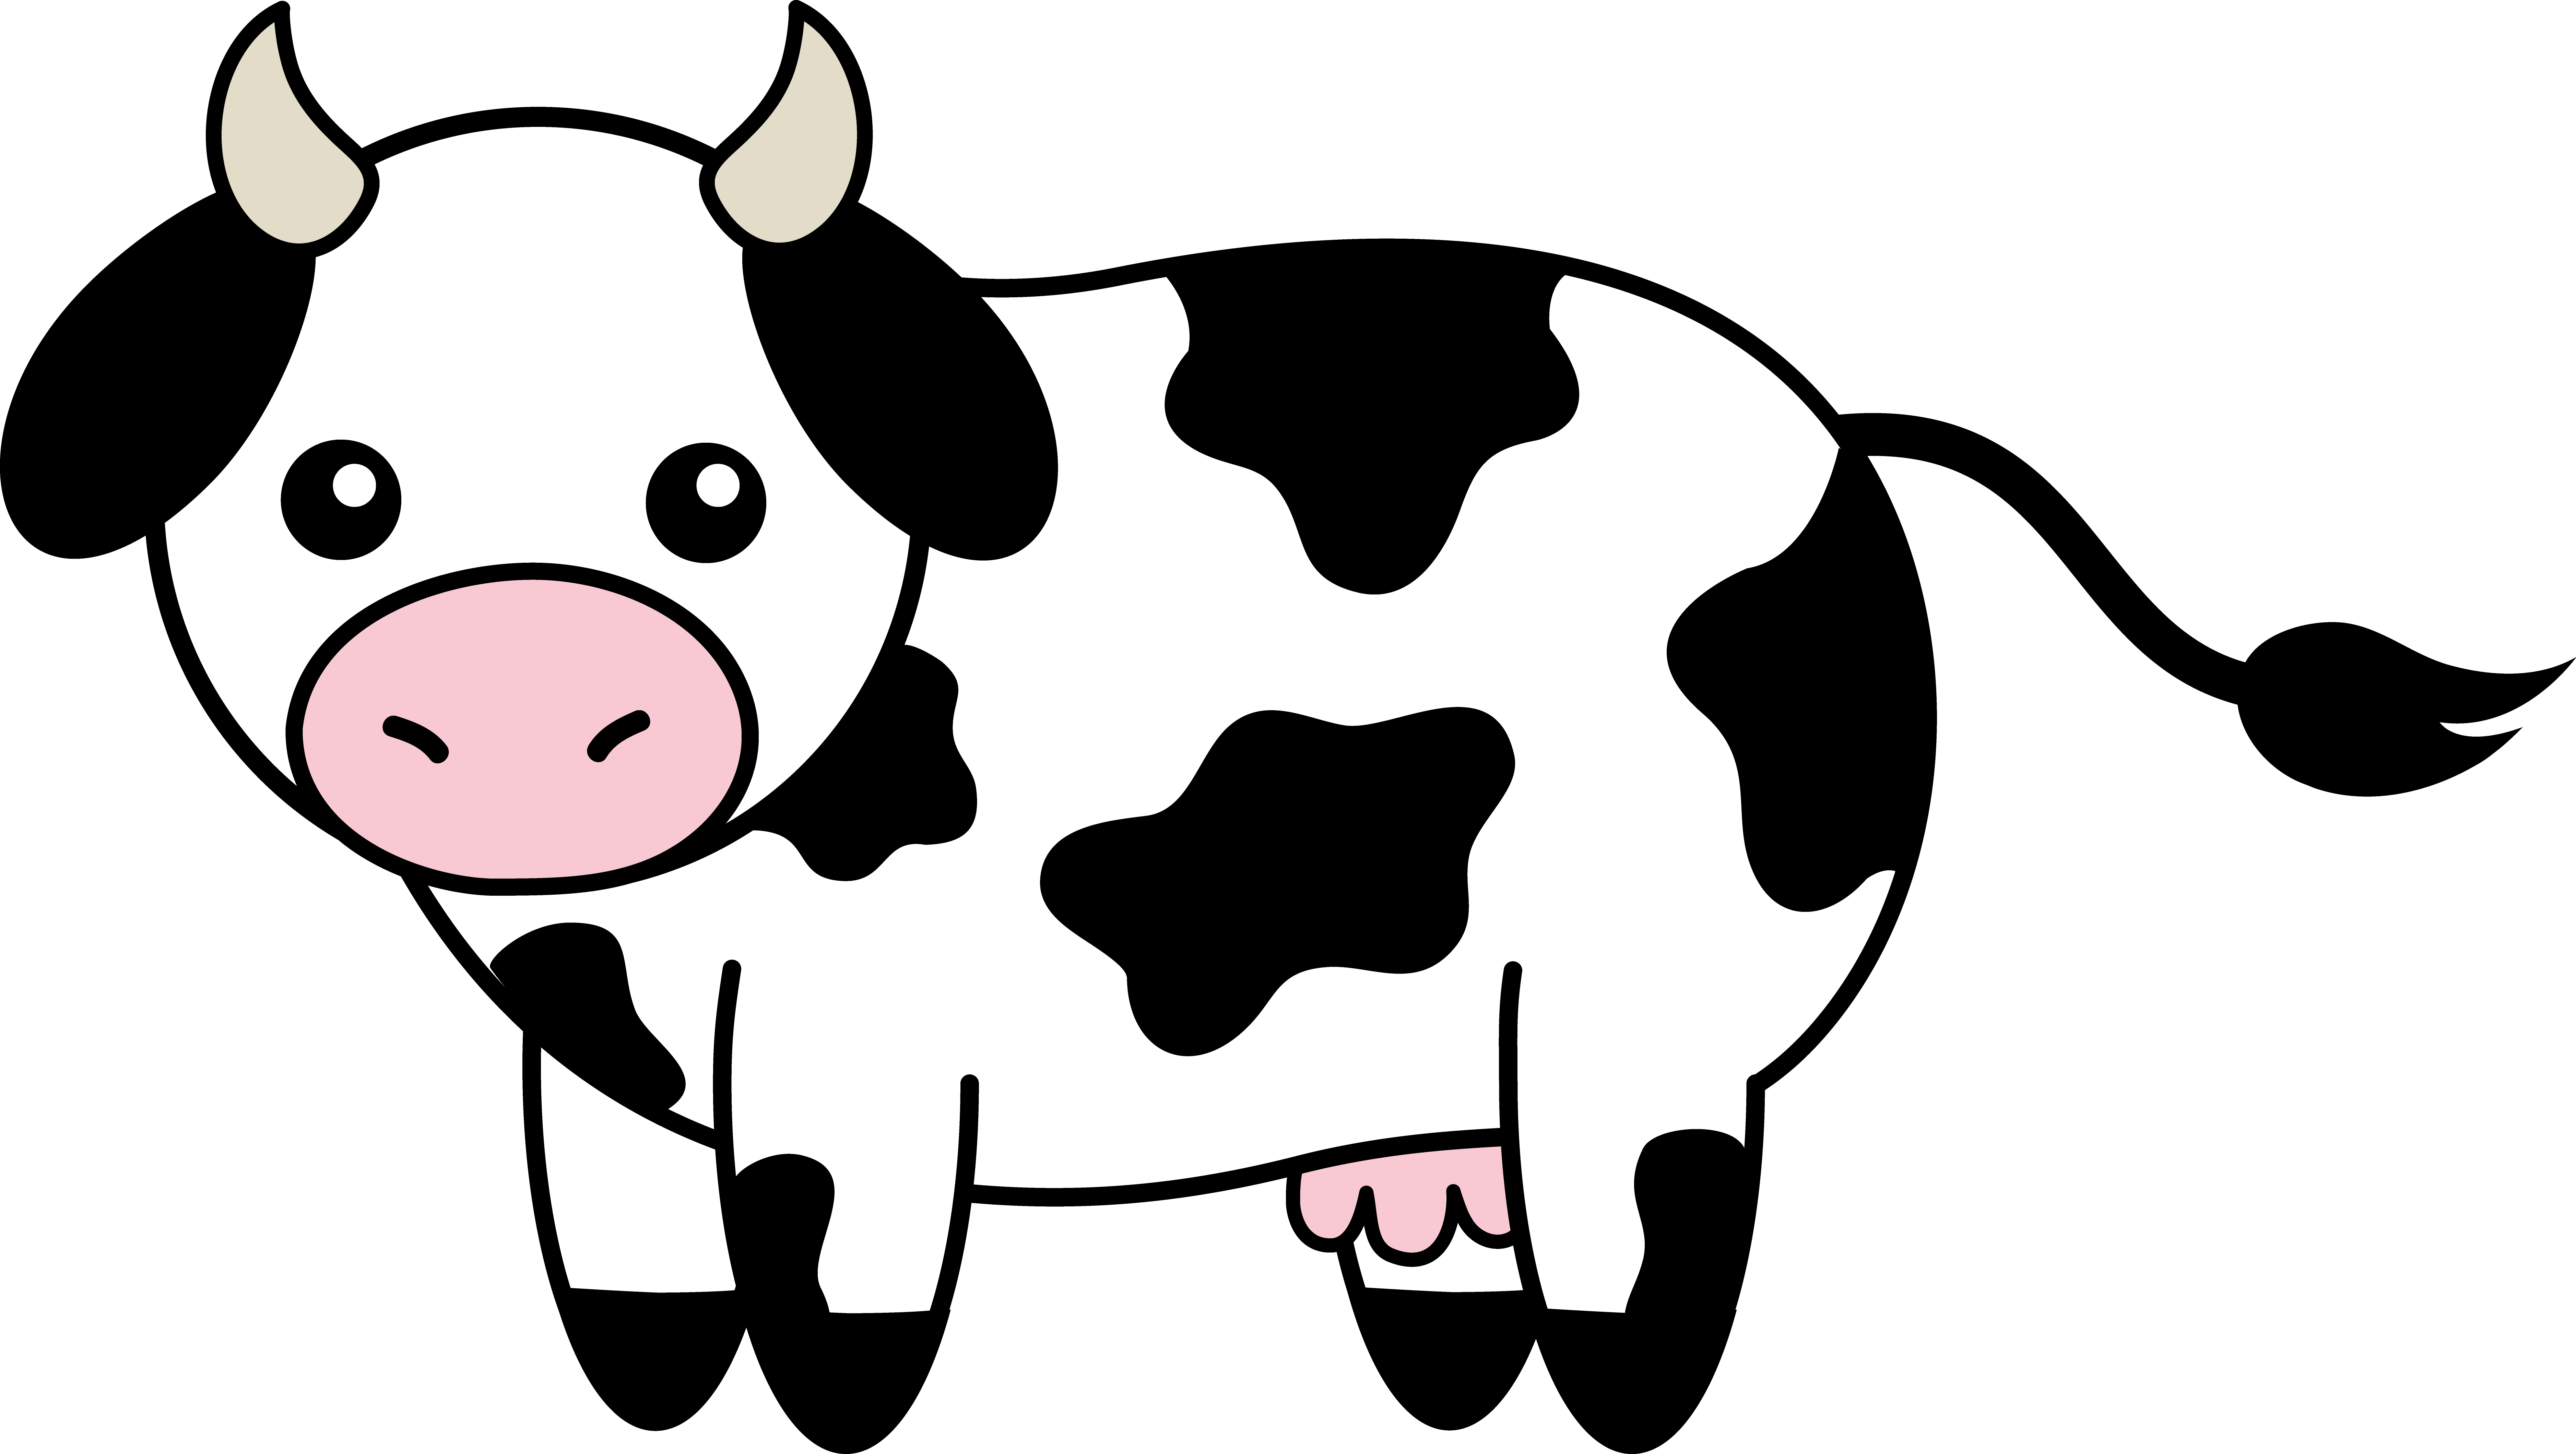 7510x4240 Farm Animals Clipart Cow Head